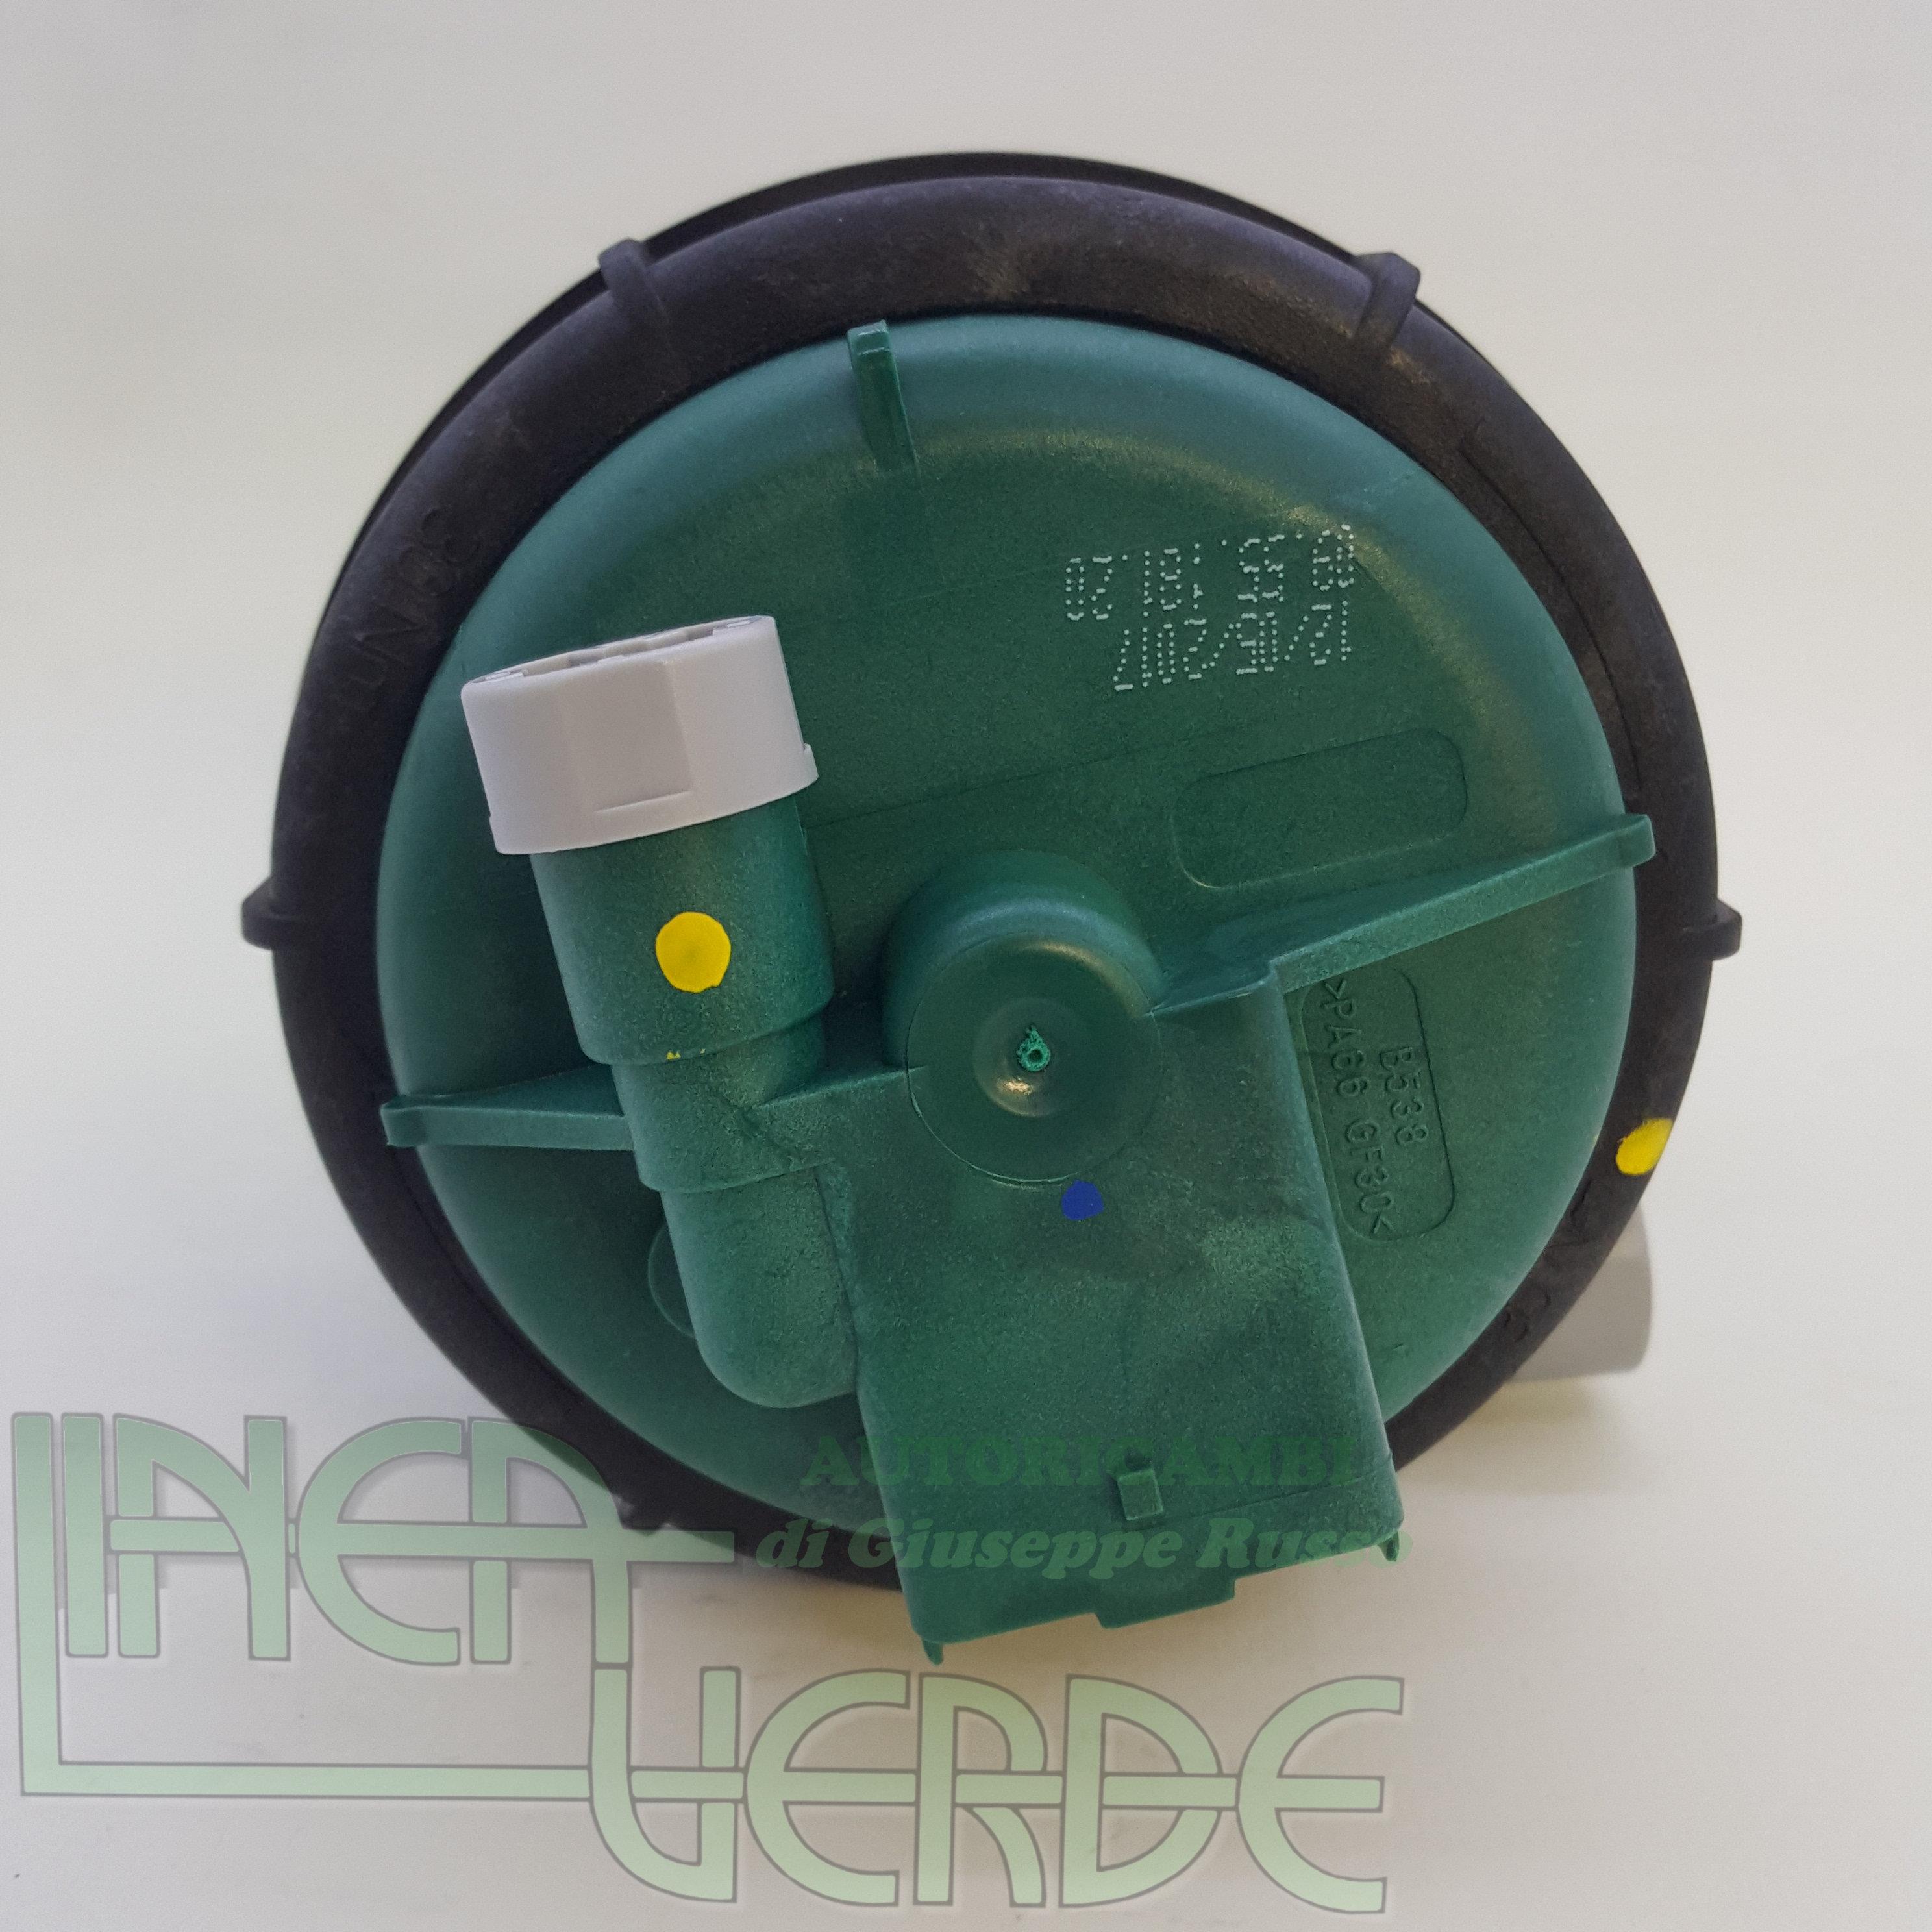 FILTRO GASOLIO COMPLETO FIAT IDEA 1,3 MULTIJET 51776608 UFI 5518100-235518120